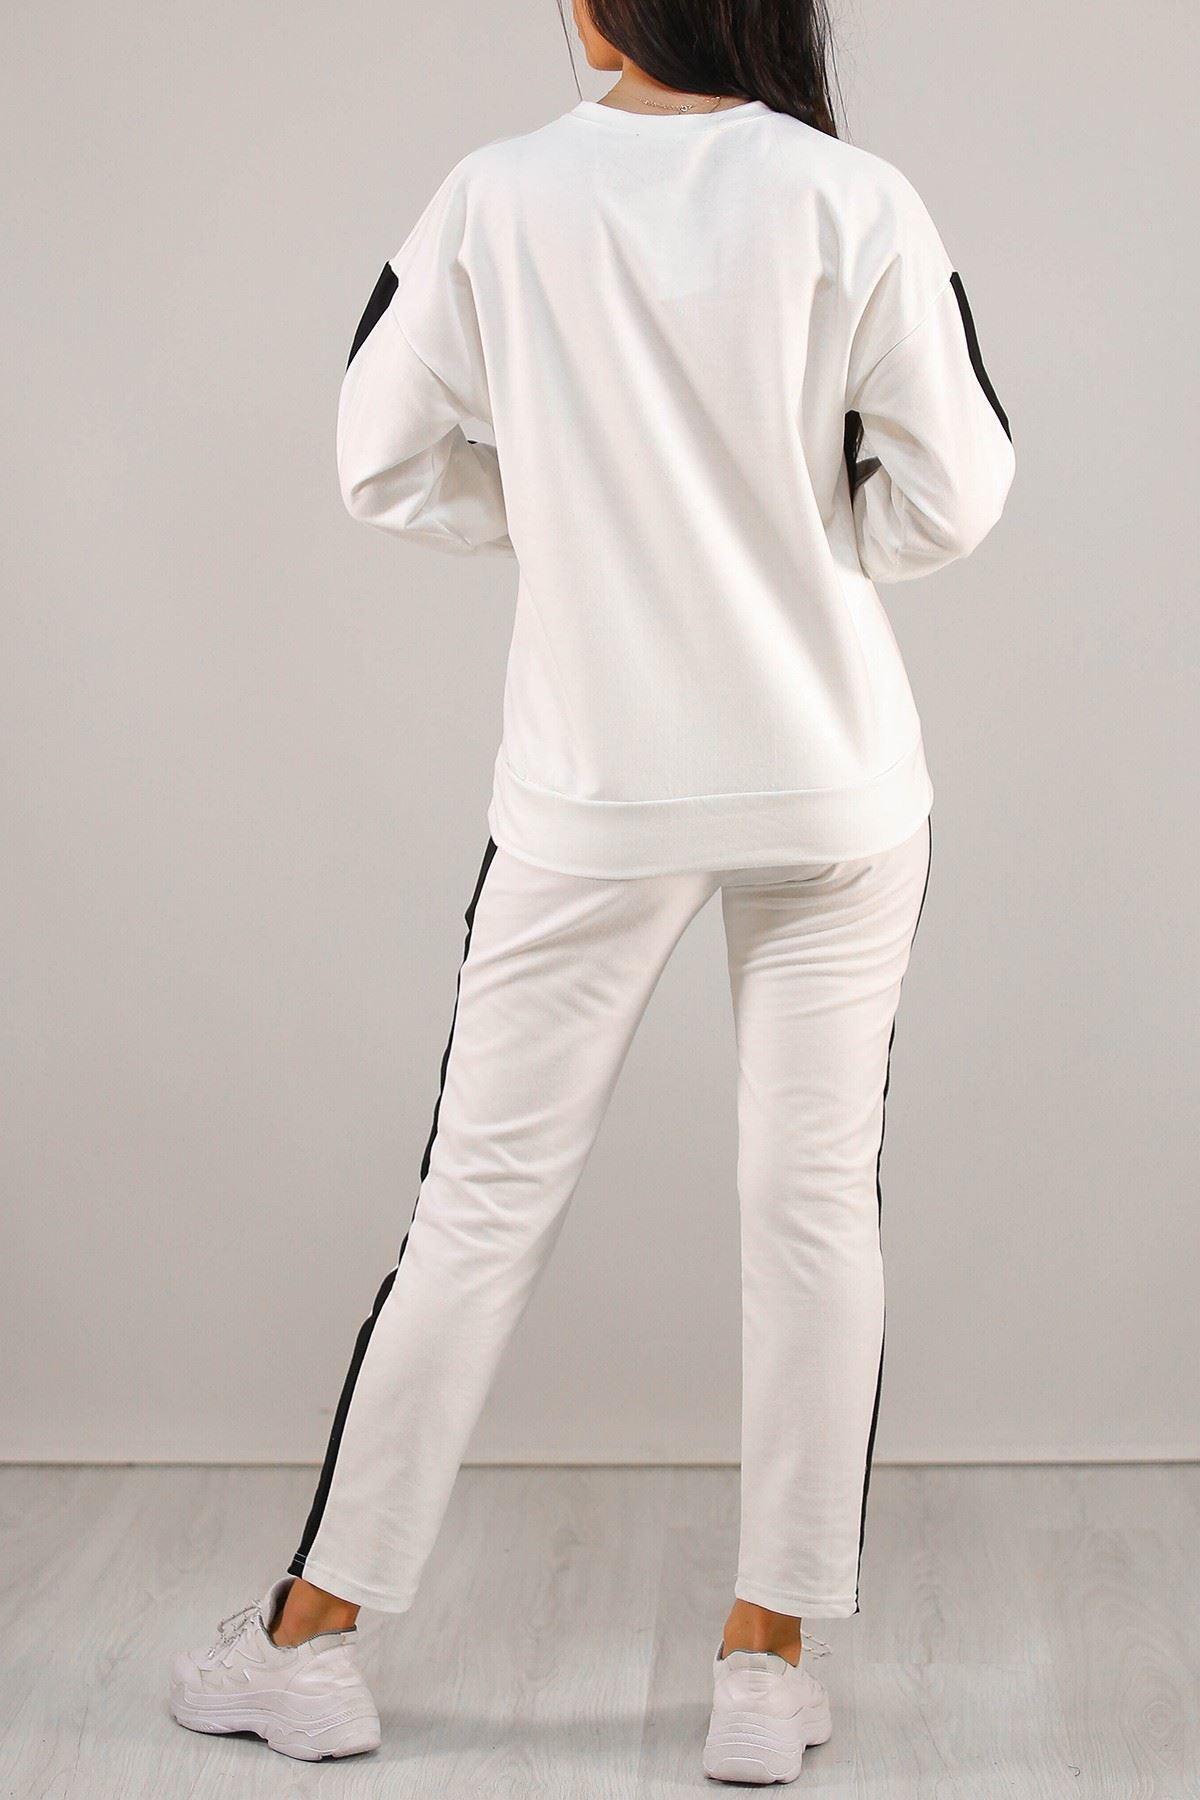 Official Baskılı Takım Beyaz - 5193.1254.